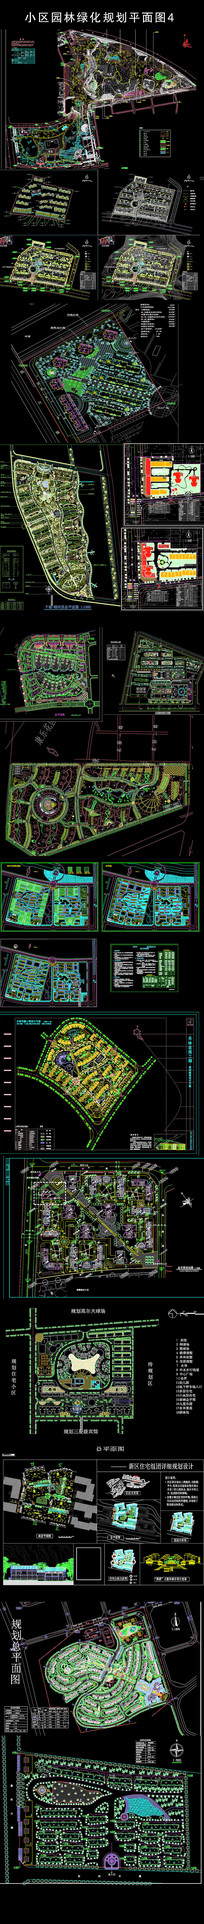 地产规划平面图纸